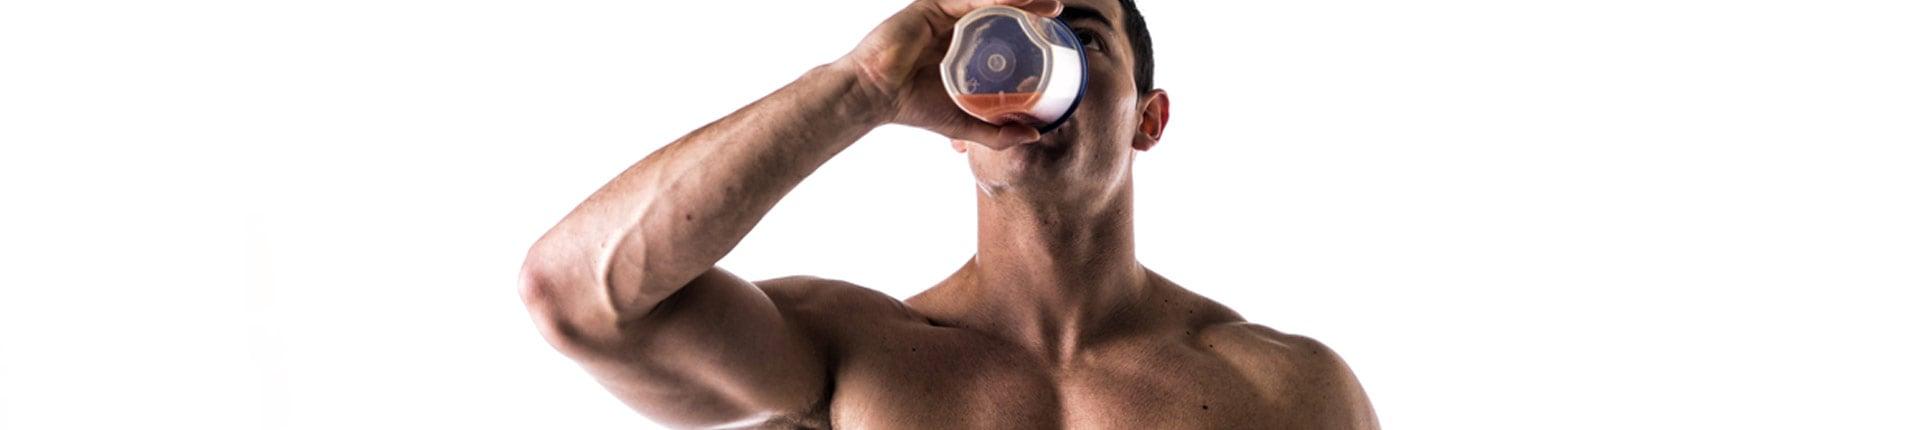 Odpowiedź insulinowa a rodzaje protein. Białko a insulina!